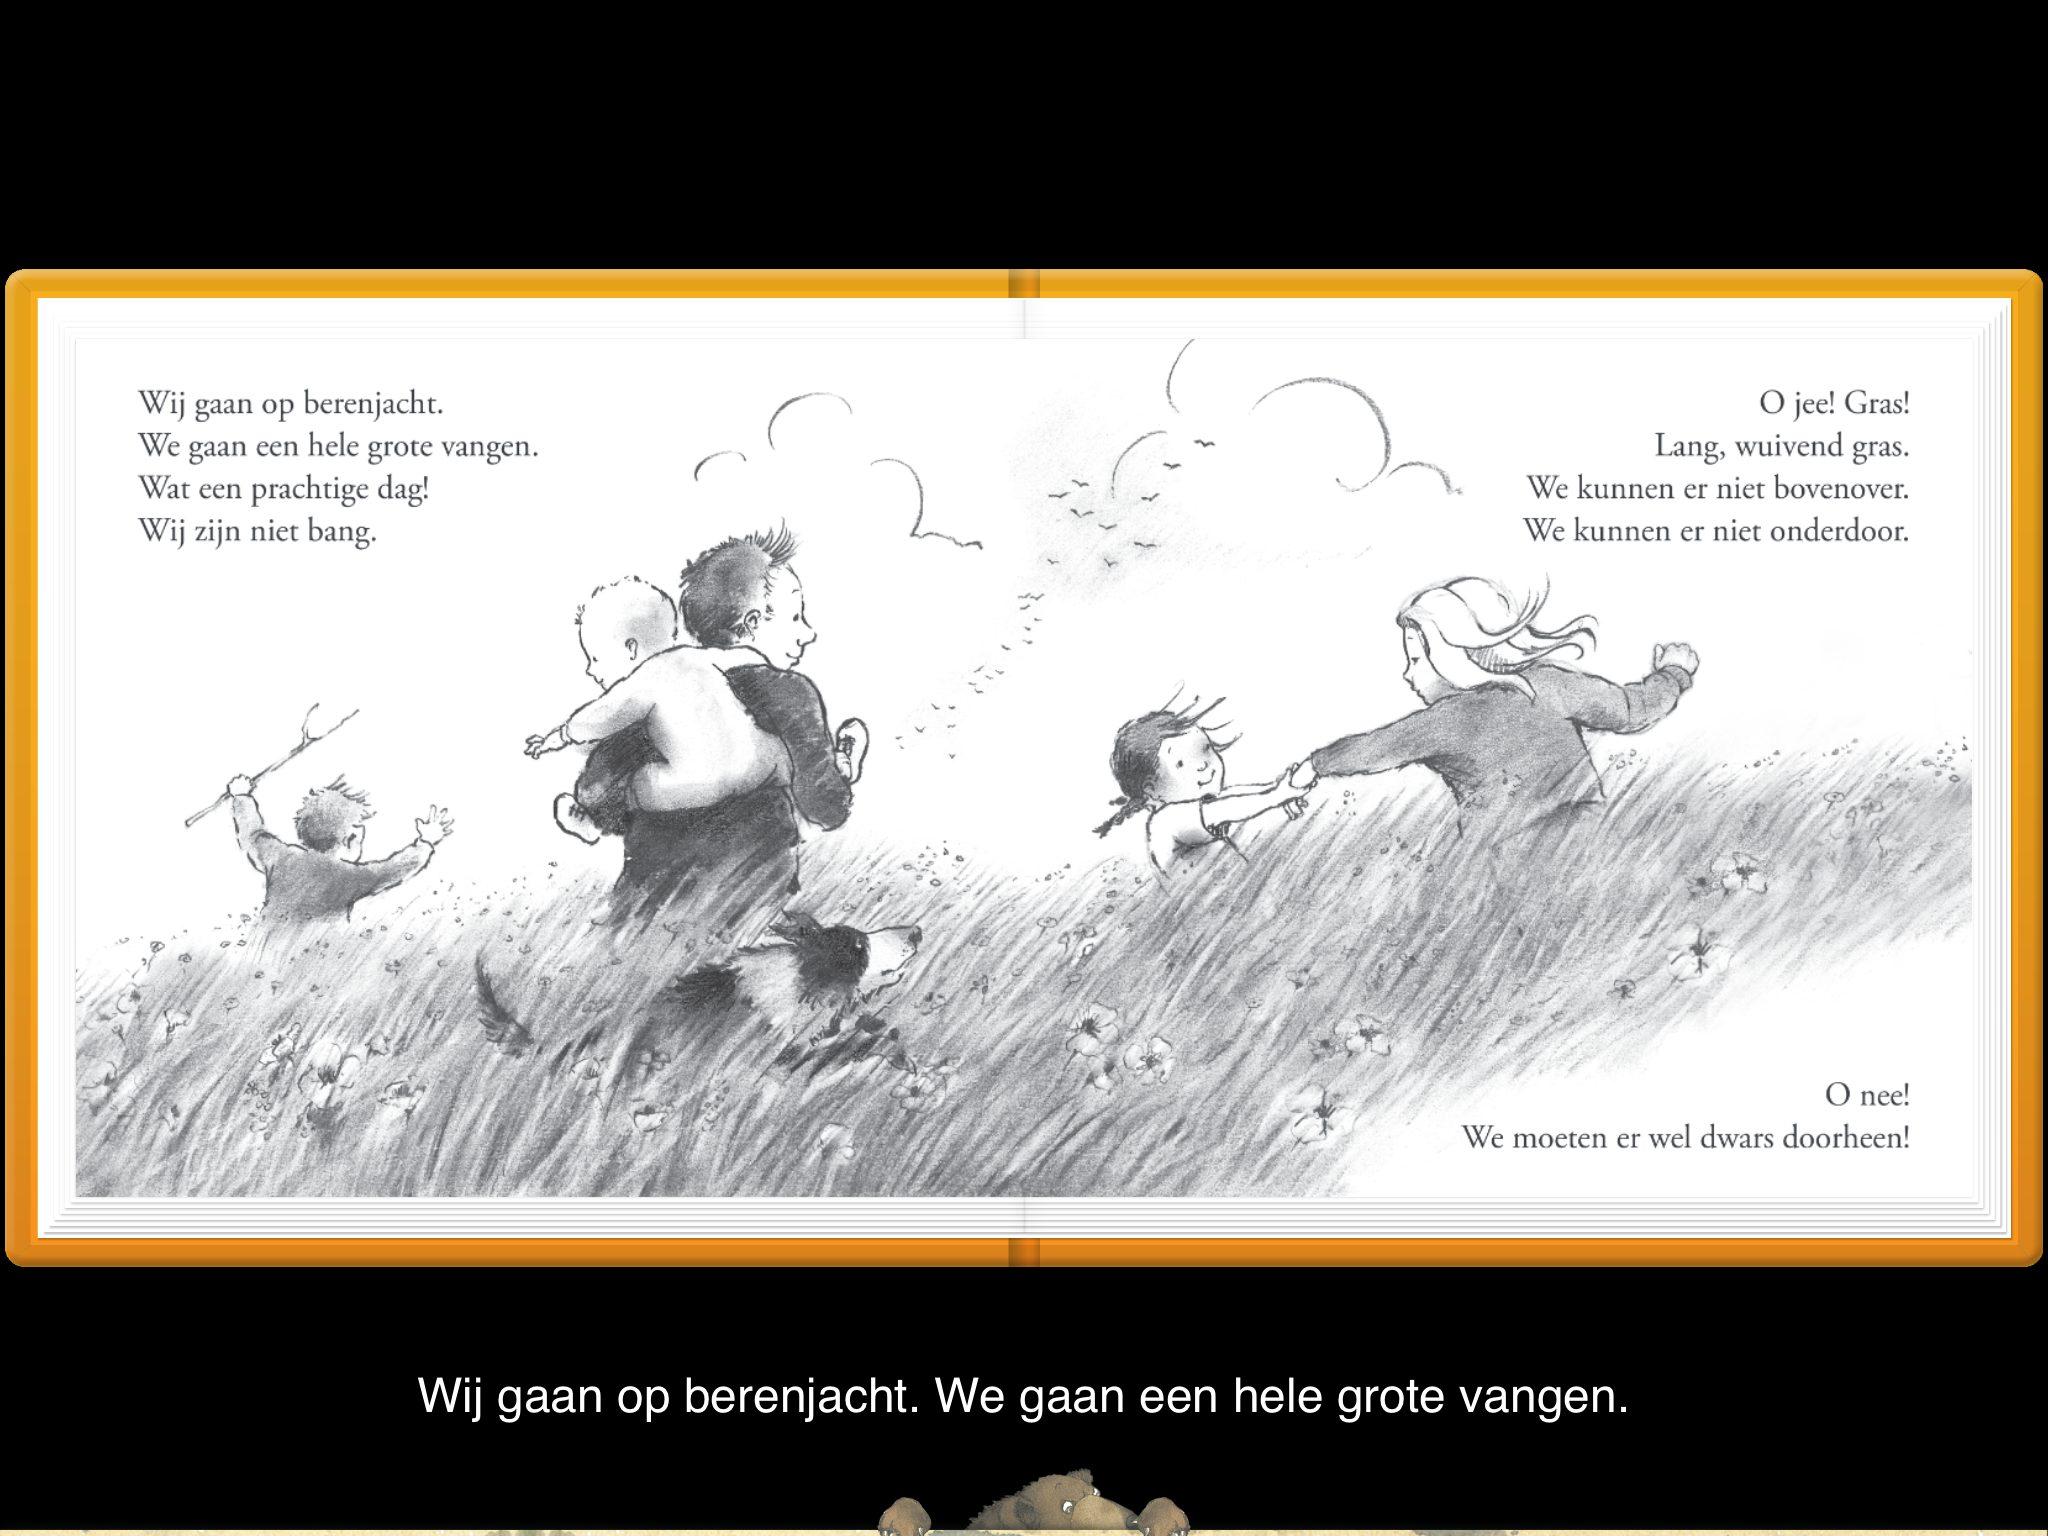 Onderwijs op afstand: We gaan op berenjacht!